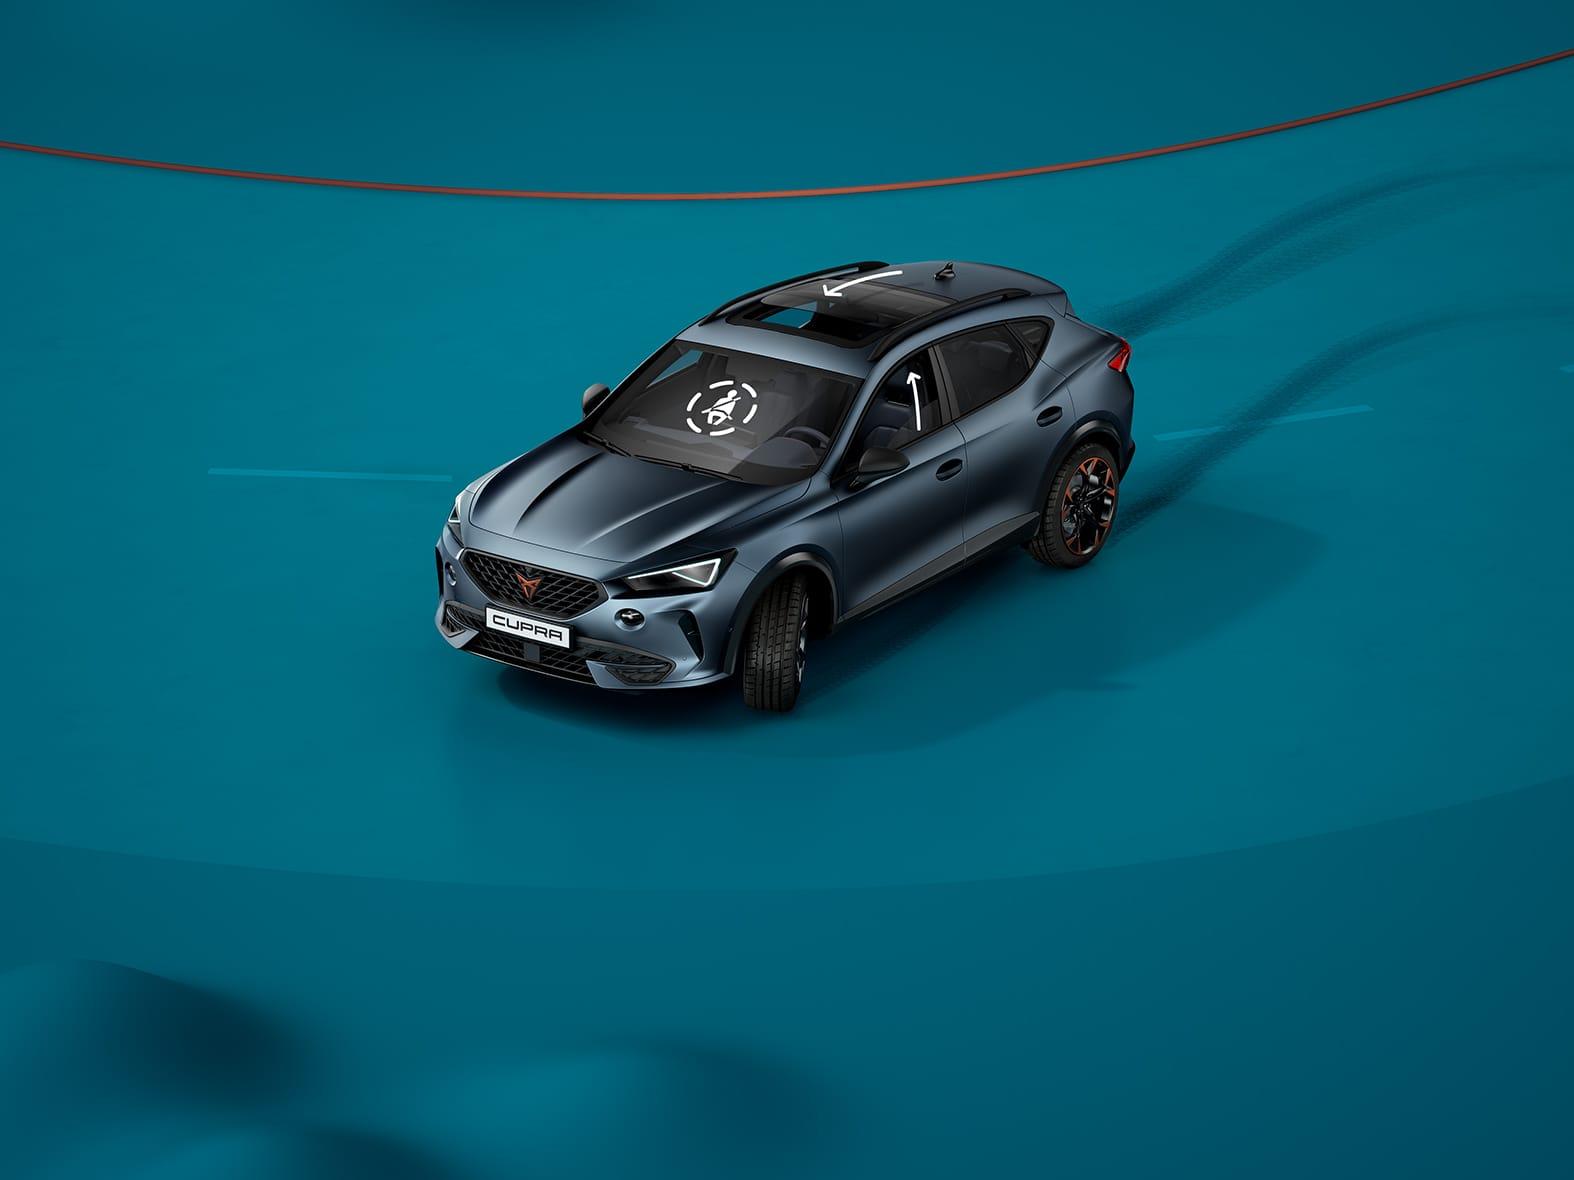 Neuer CUPRA Leon Sportstourer eHybrid Familiensportwagen mit Pre-Crash-Assistent